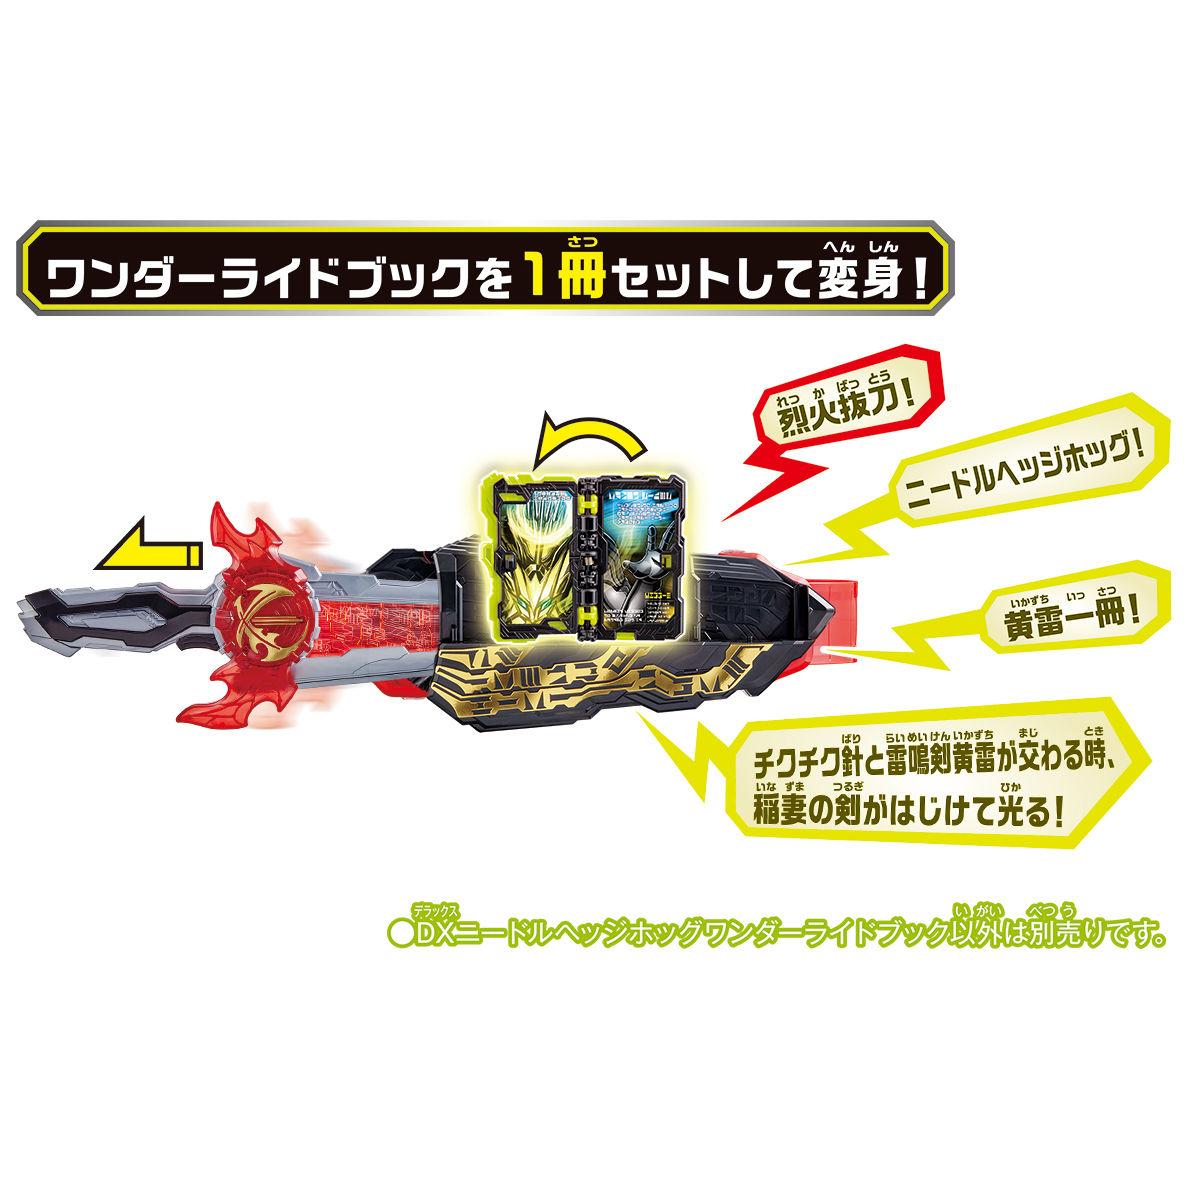 仮面ライダーセイバー『DXニードルヘッジホッグワンダーライドブック』変身なりきり-005